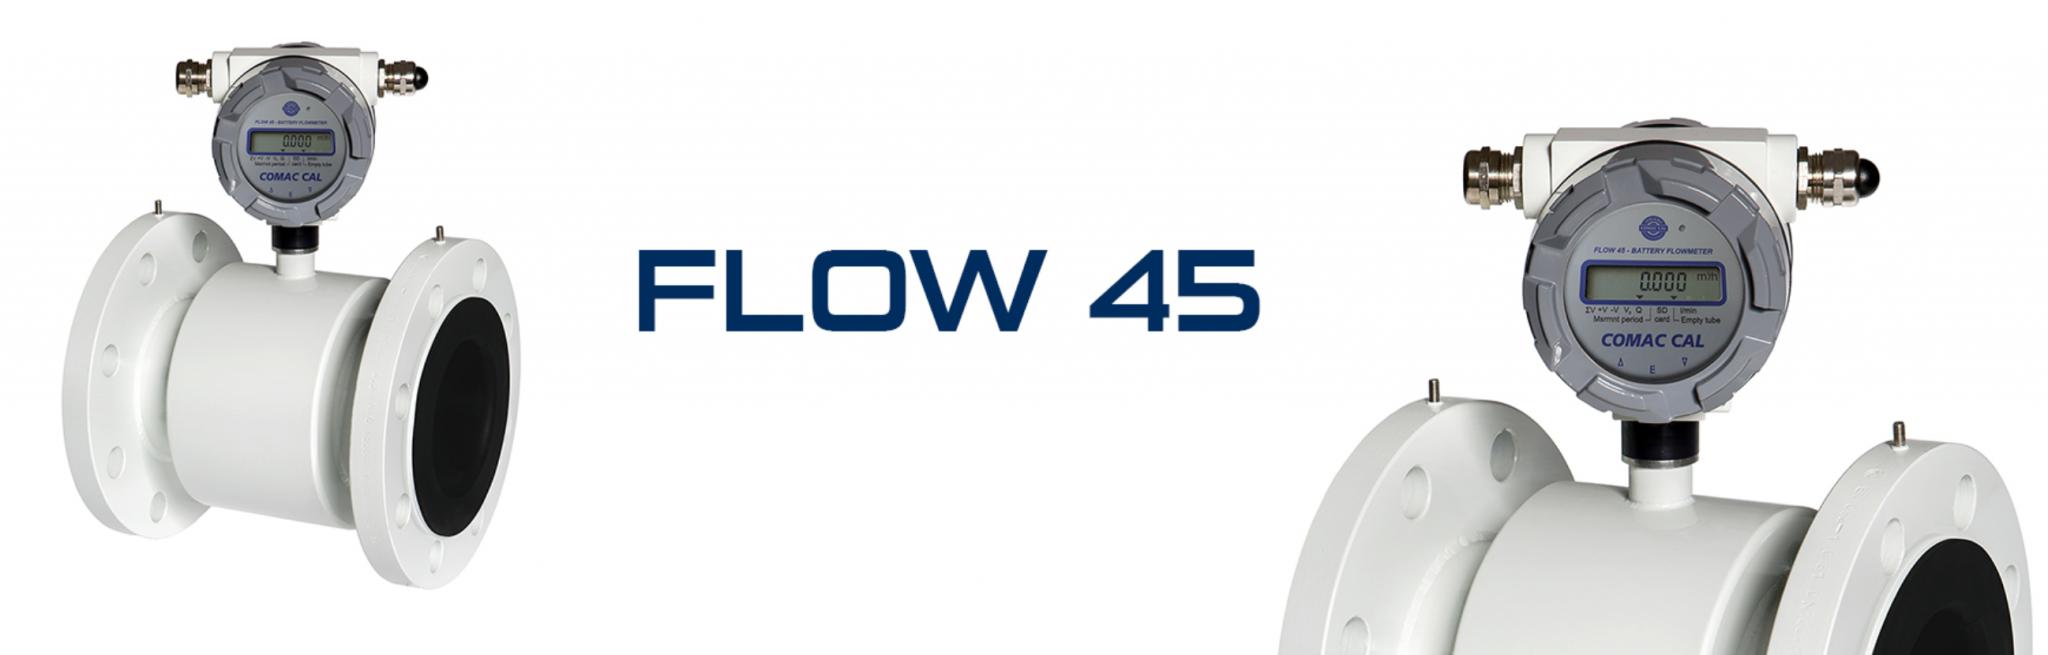 Đồng hồ đo lượng nước Flow45